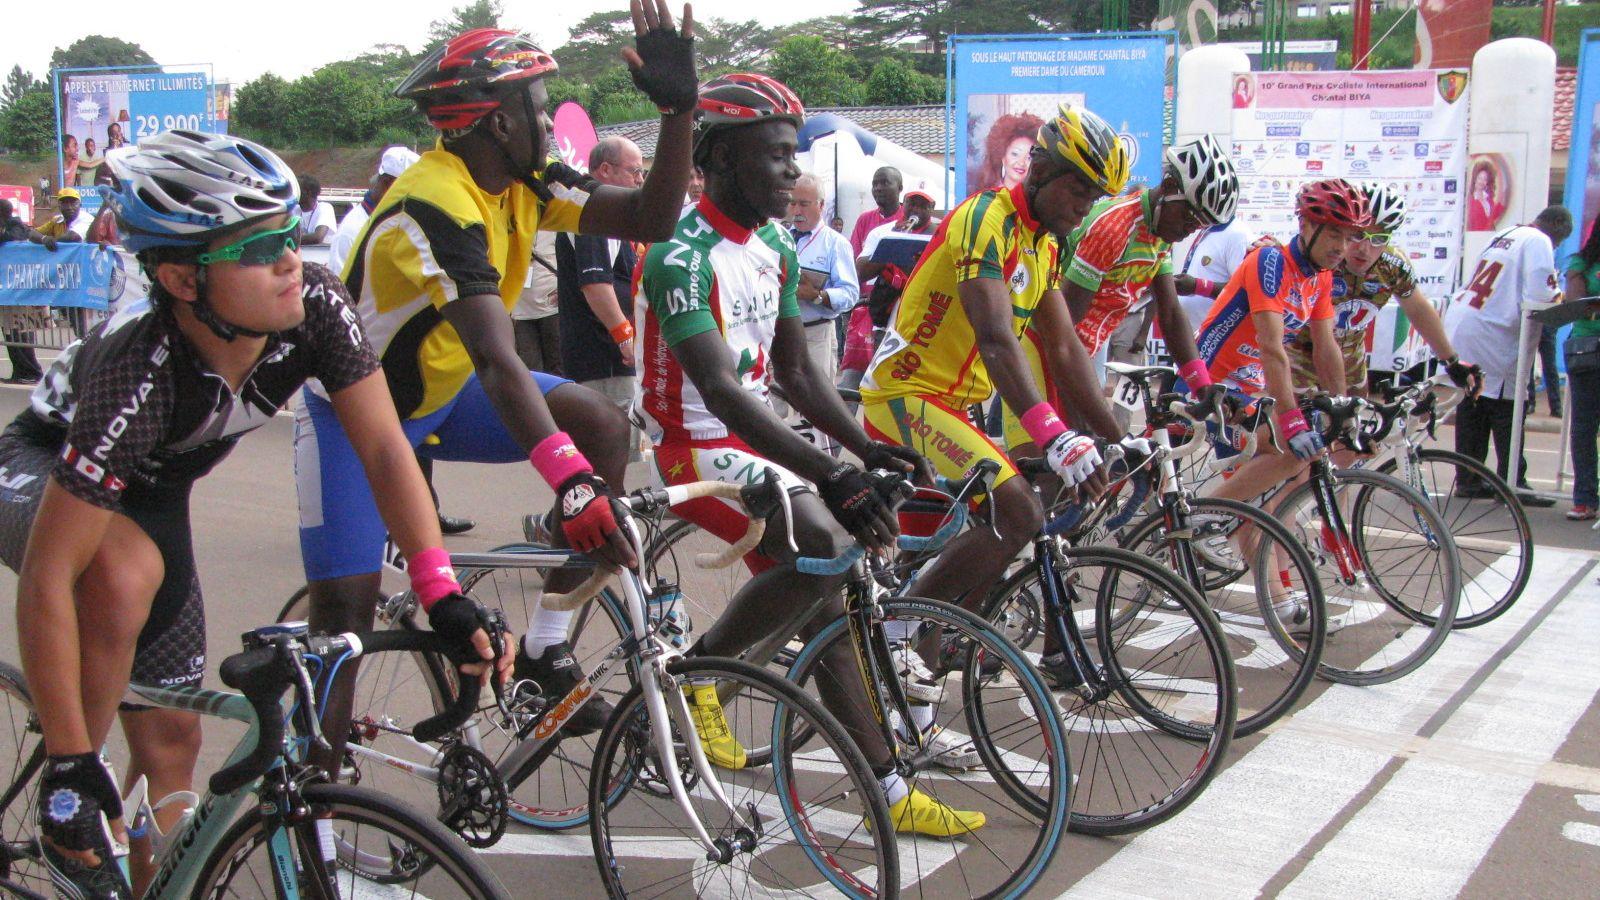 Le Grand Prix Chantal Biya démarre dans quelques jours